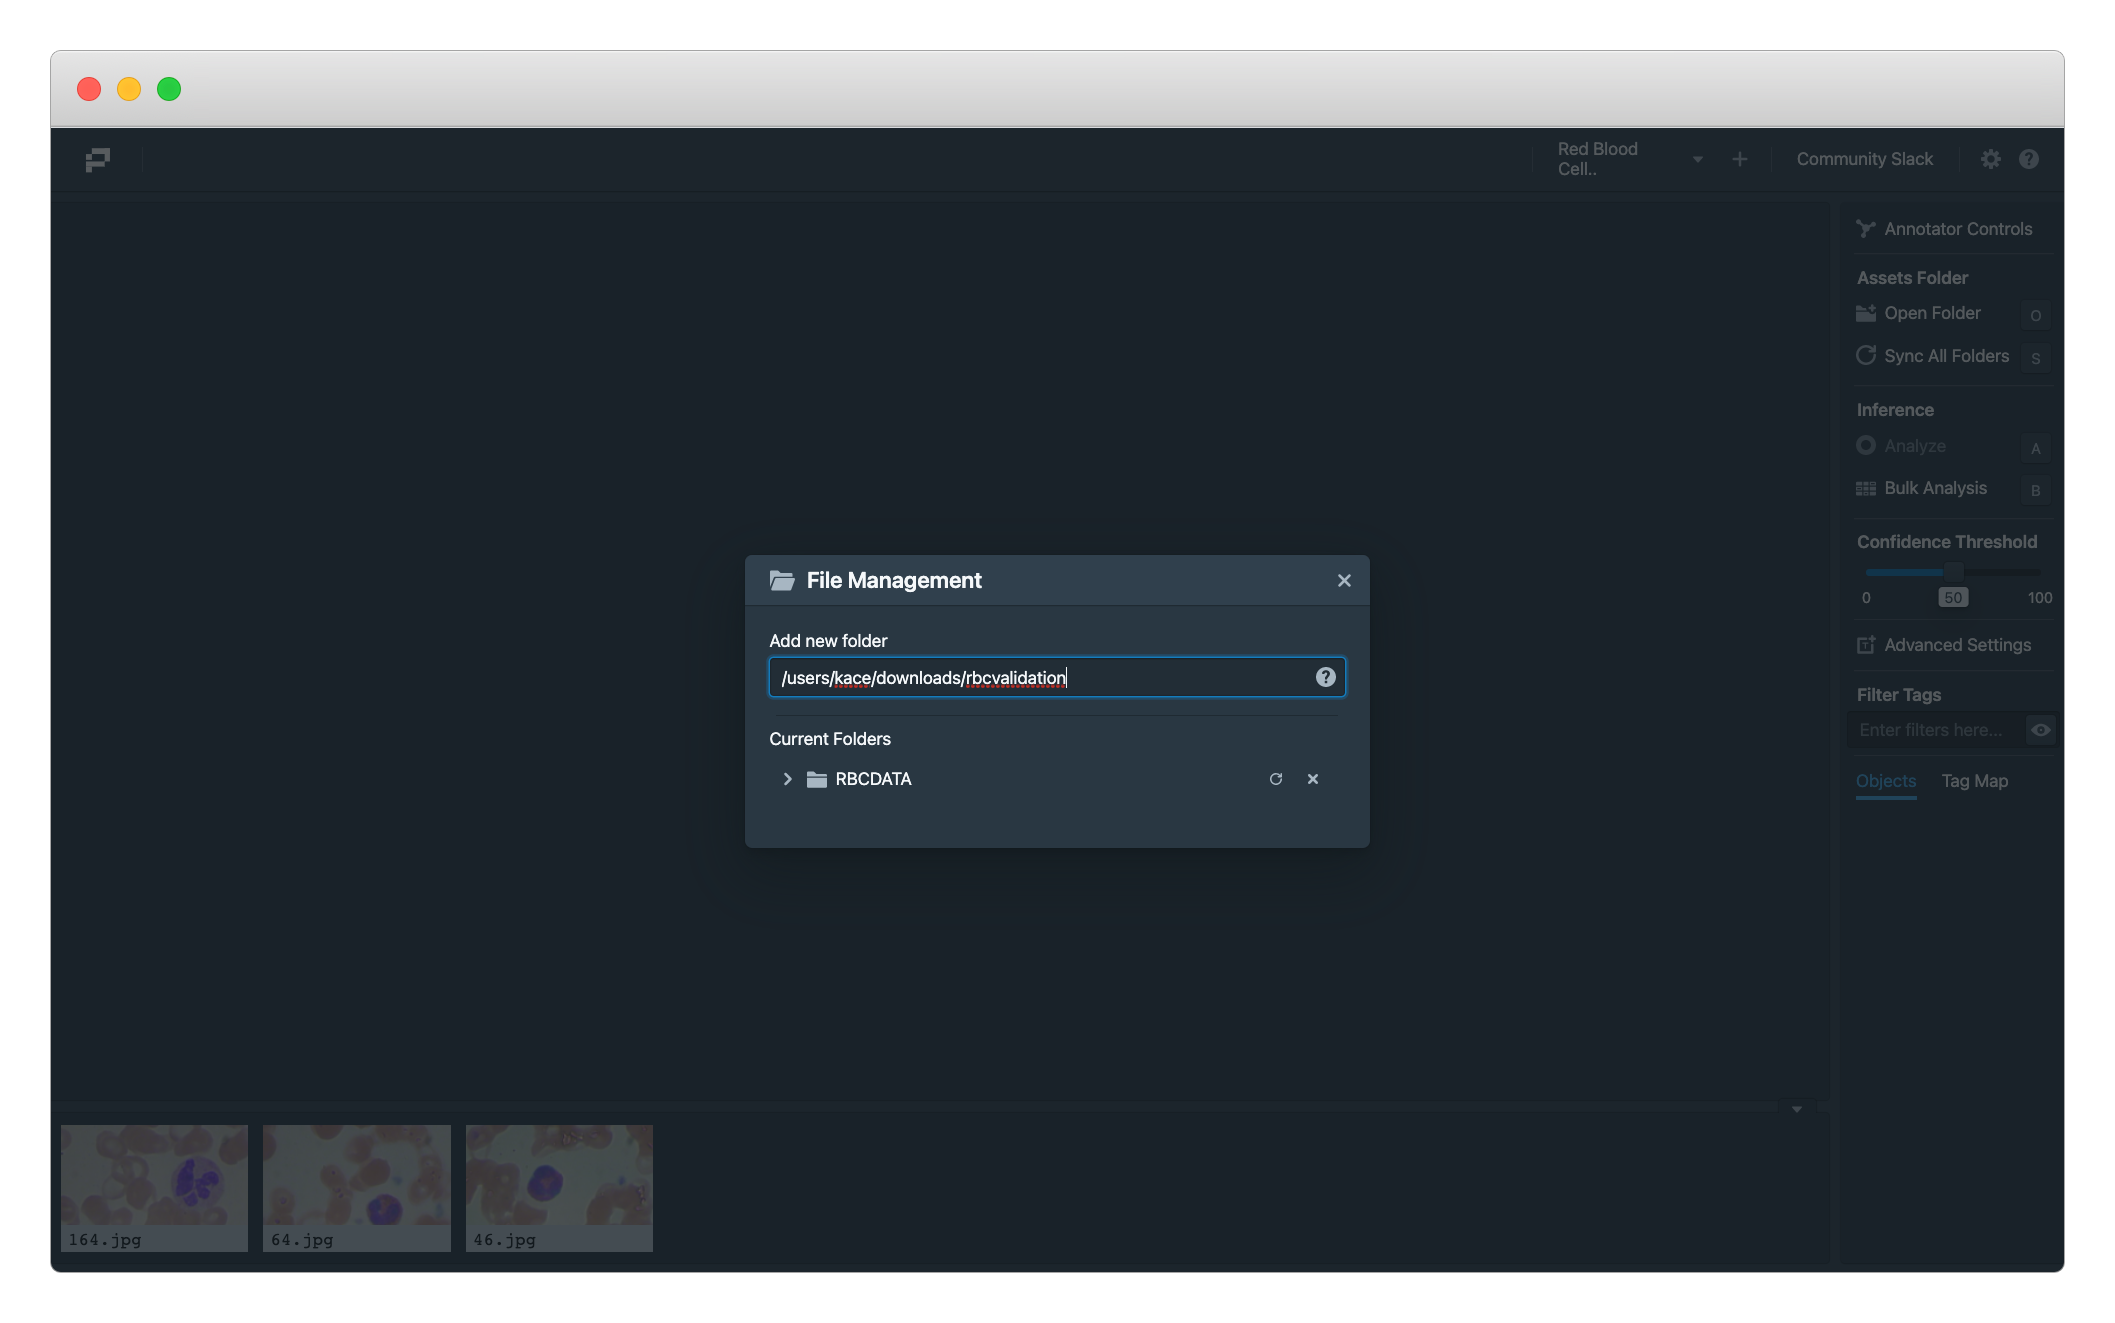 Registering Images Folder